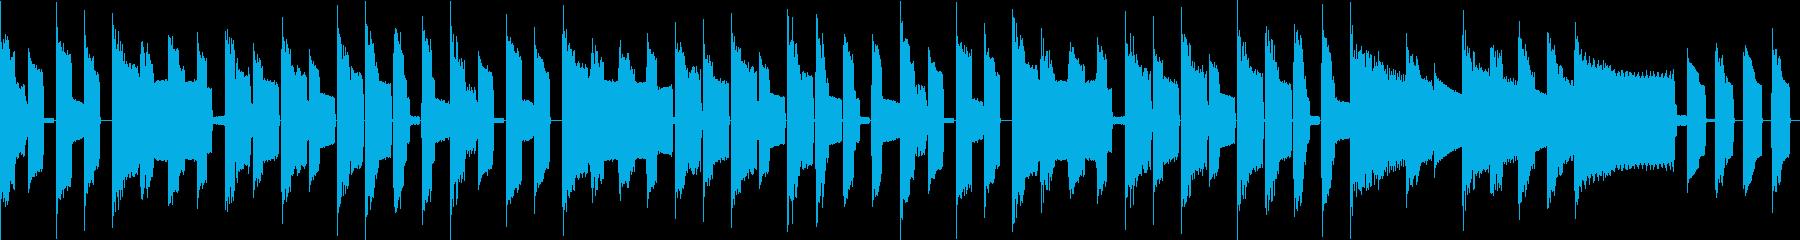 昔懐かしいゲームのBGMの再生済みの波形